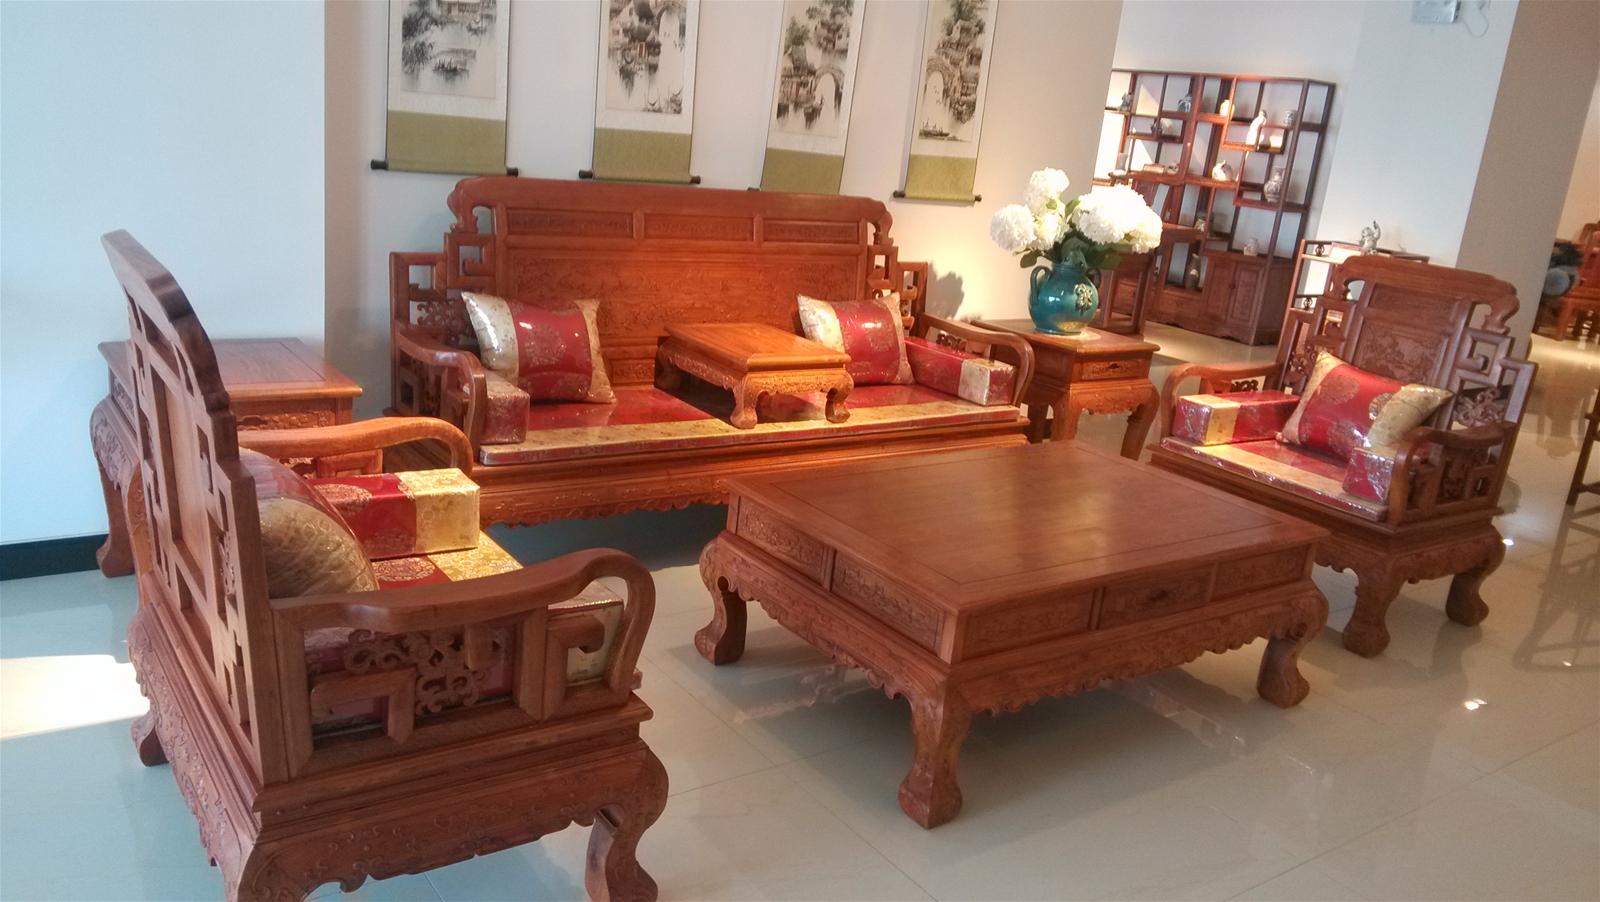 北京铭华v红木红木家具-六红木春花梨-浙江合同颜色搭配地板家具沙发图片